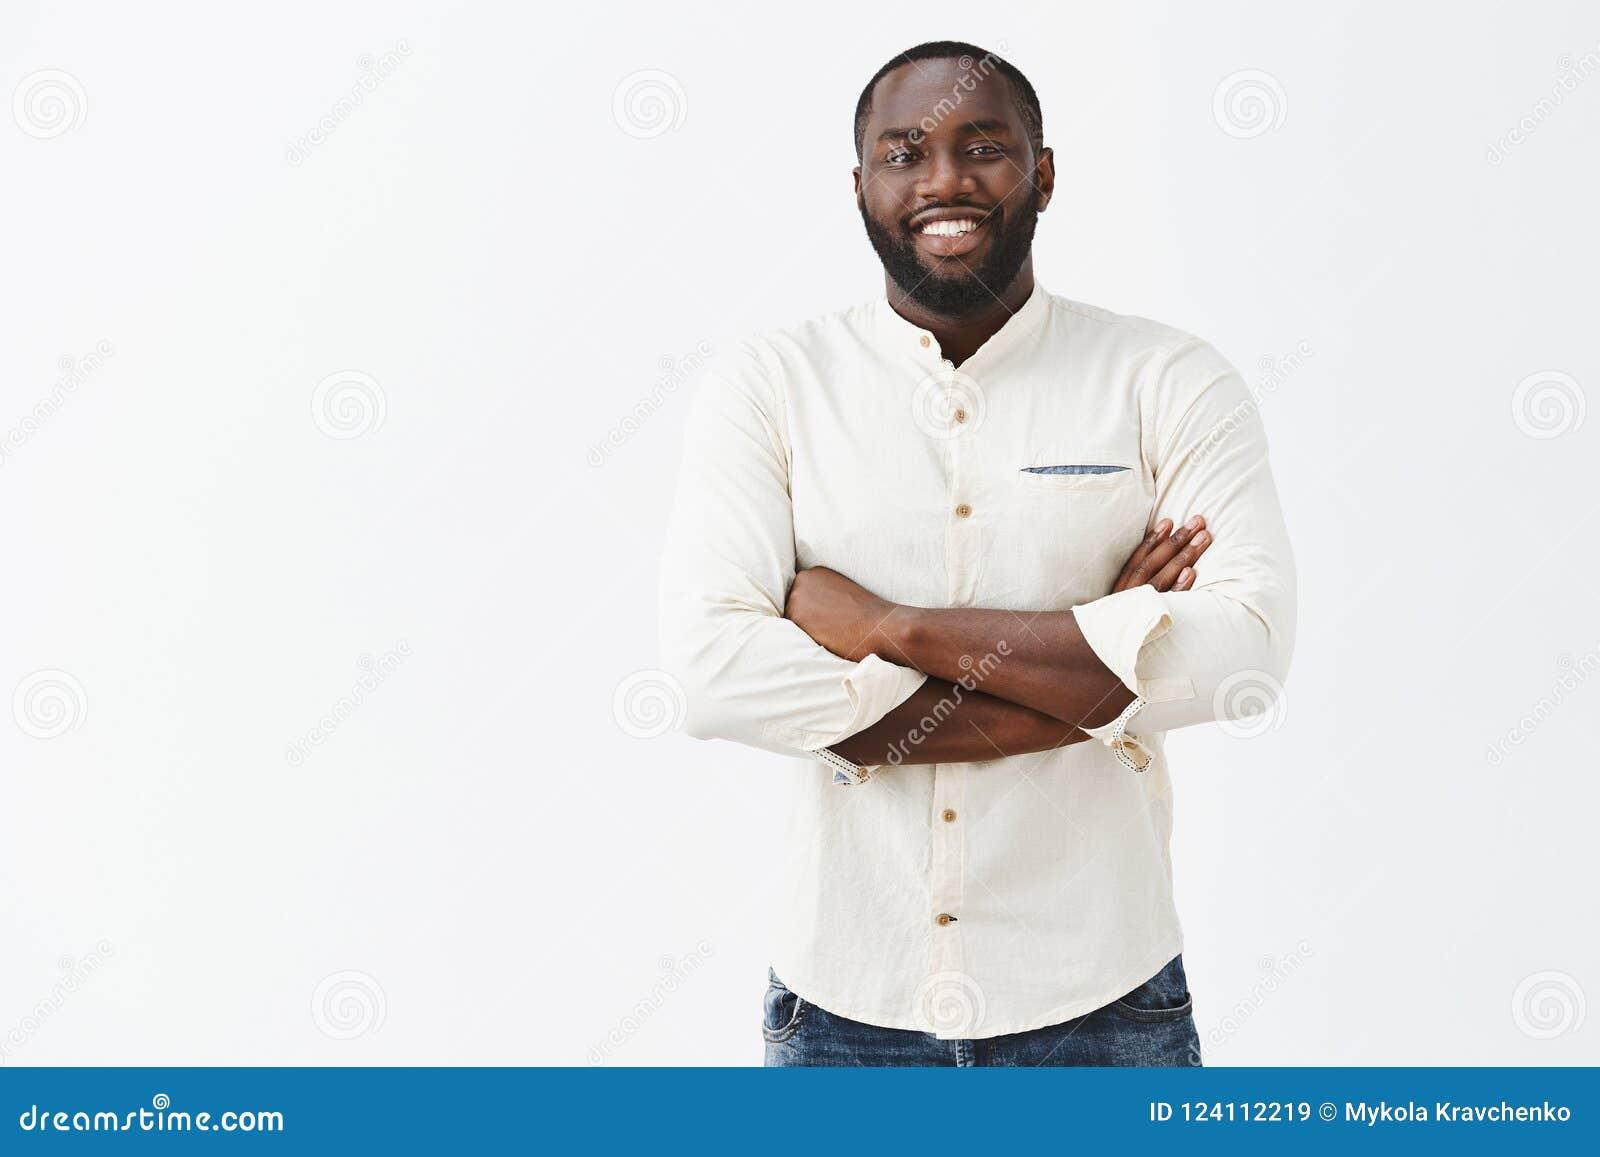 Удовлетворенный Афро-американский человек с смотреть бороды и большой результатом личных усилий, был доволен и счастлив имеет